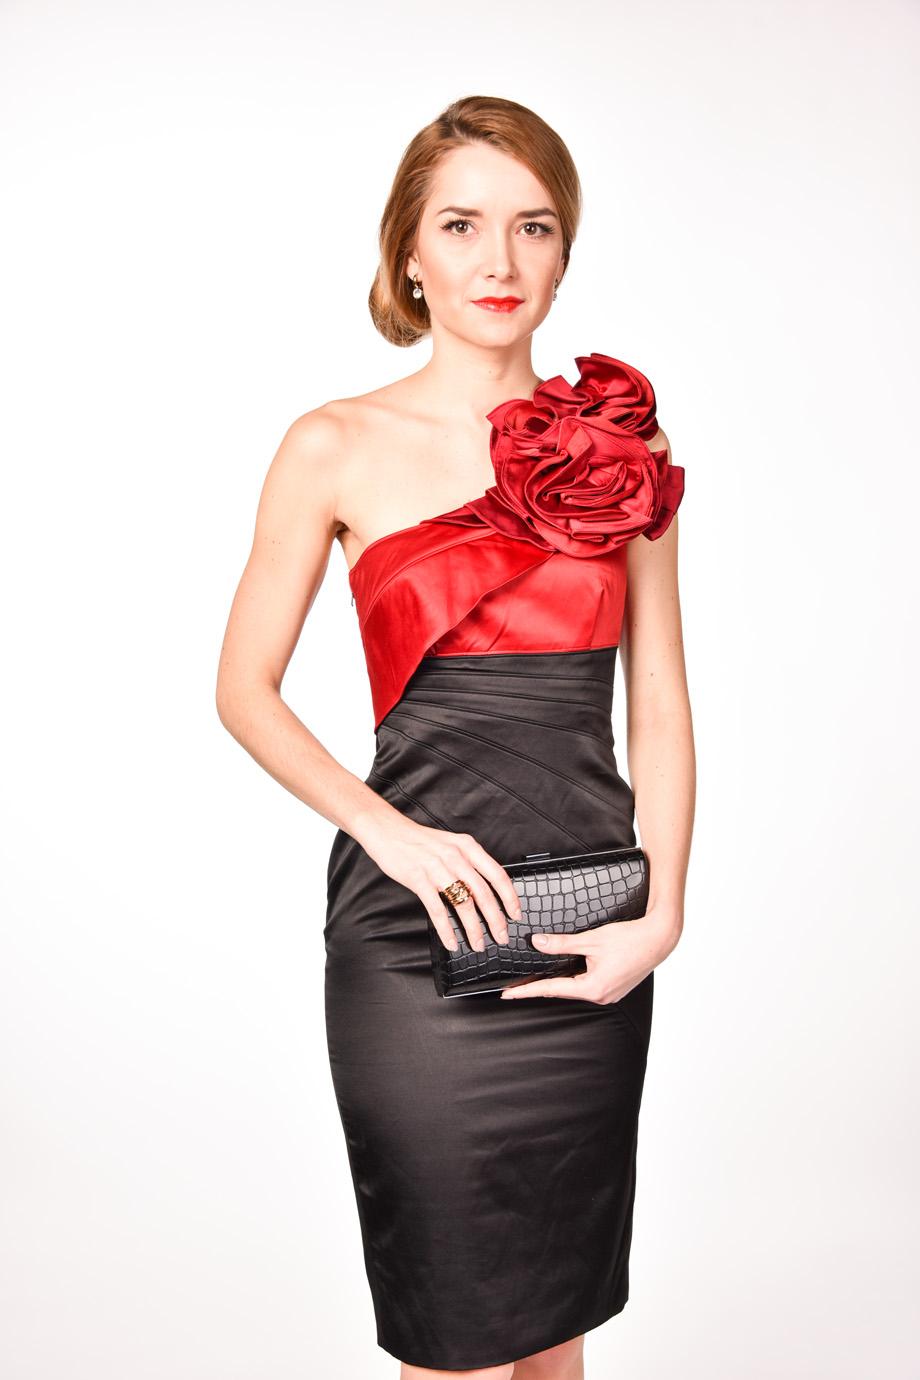 bba2ab49810d obrázok 1 Karen Millen čierne šaty s kvetom na jedno rameno